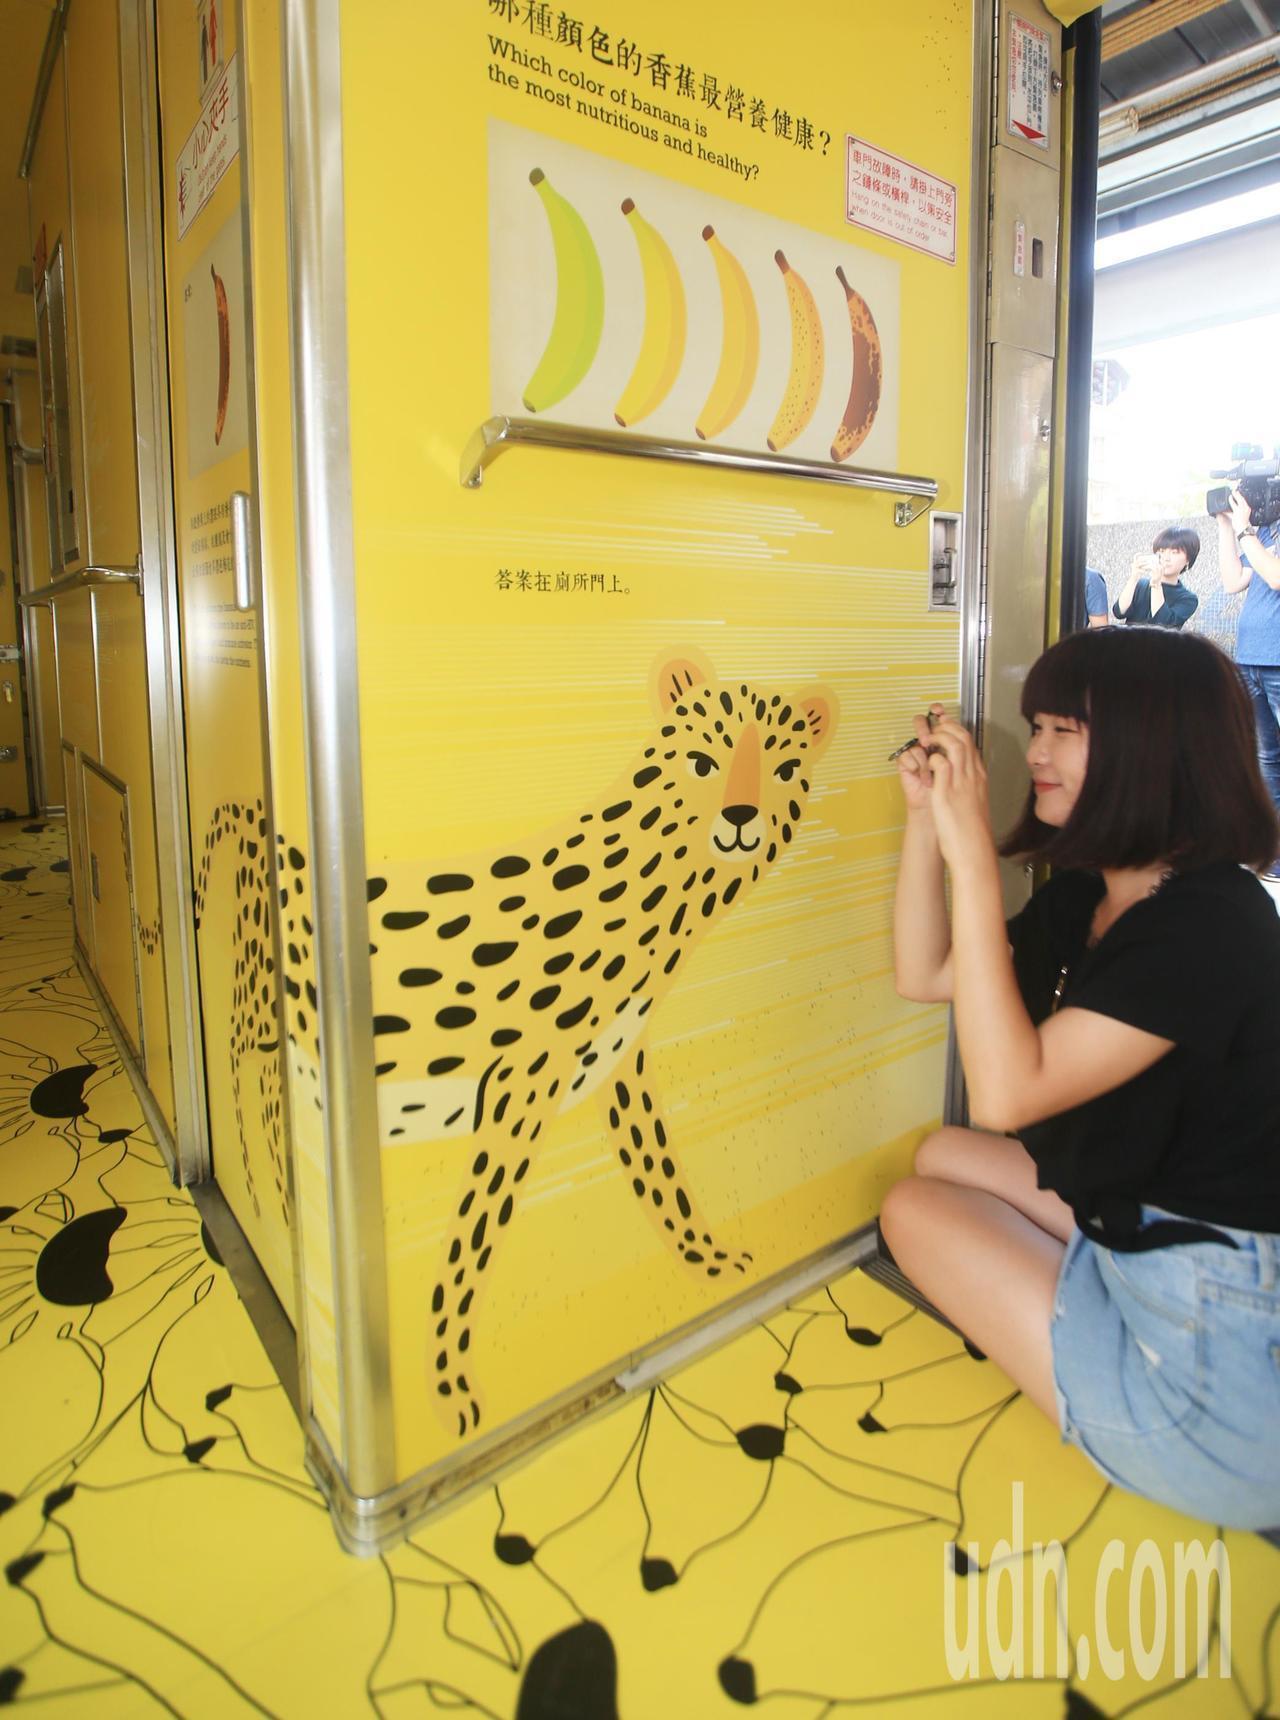 「國立集集美術館」彩繪列車上的石虎缺少重要特徵,被說像花豹。記者陳正興/攝影